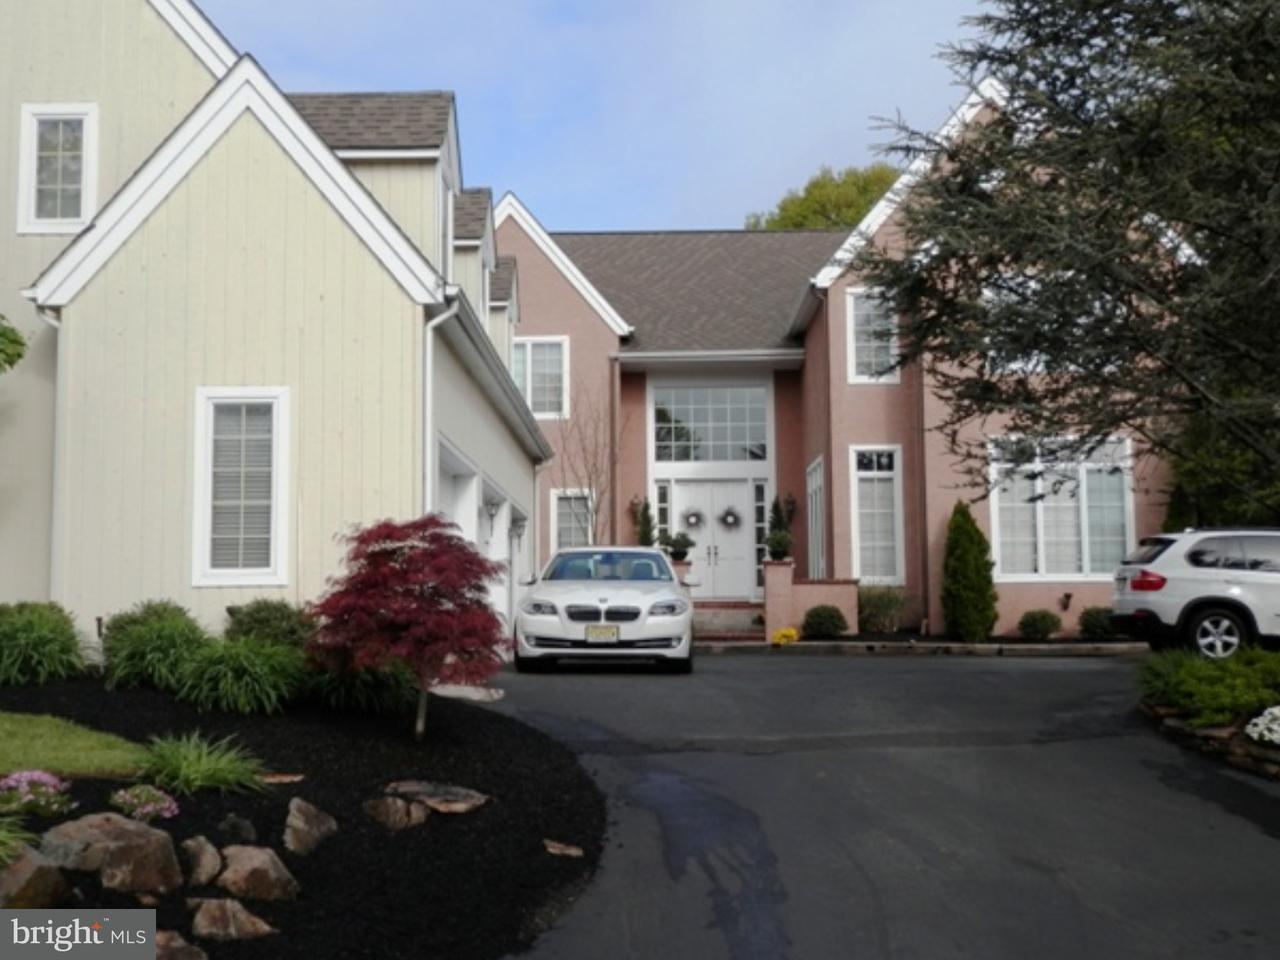 Casa Unifamiliar por un Venta en 44 WELLINGTON Court Montgomery Township, Nueva Jersey 08502 Estados UnidosEn/Alrededor: Montgomery Township